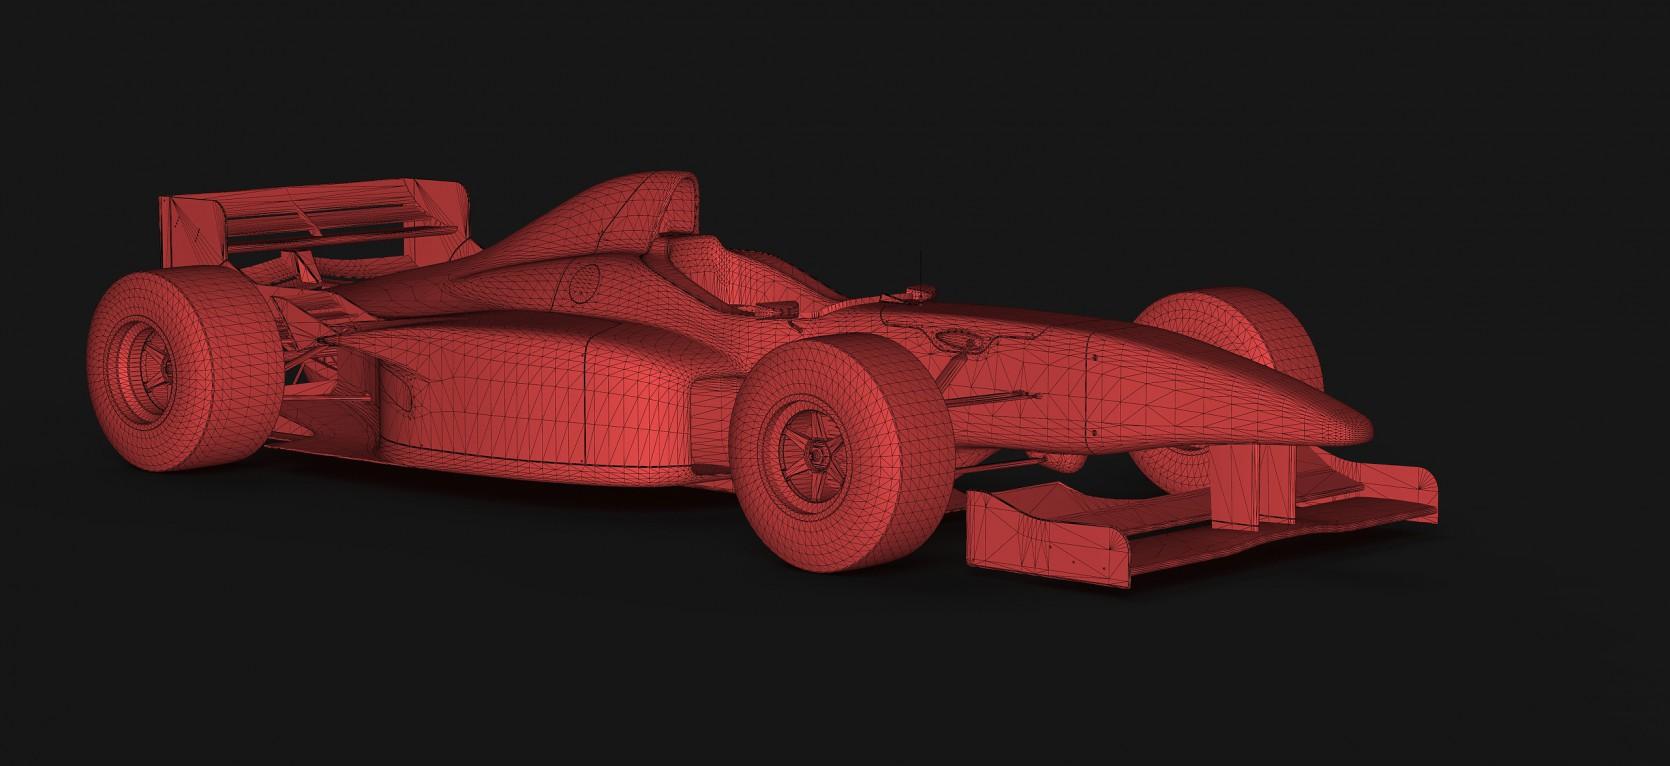 Automobilista 2 Cars 5.